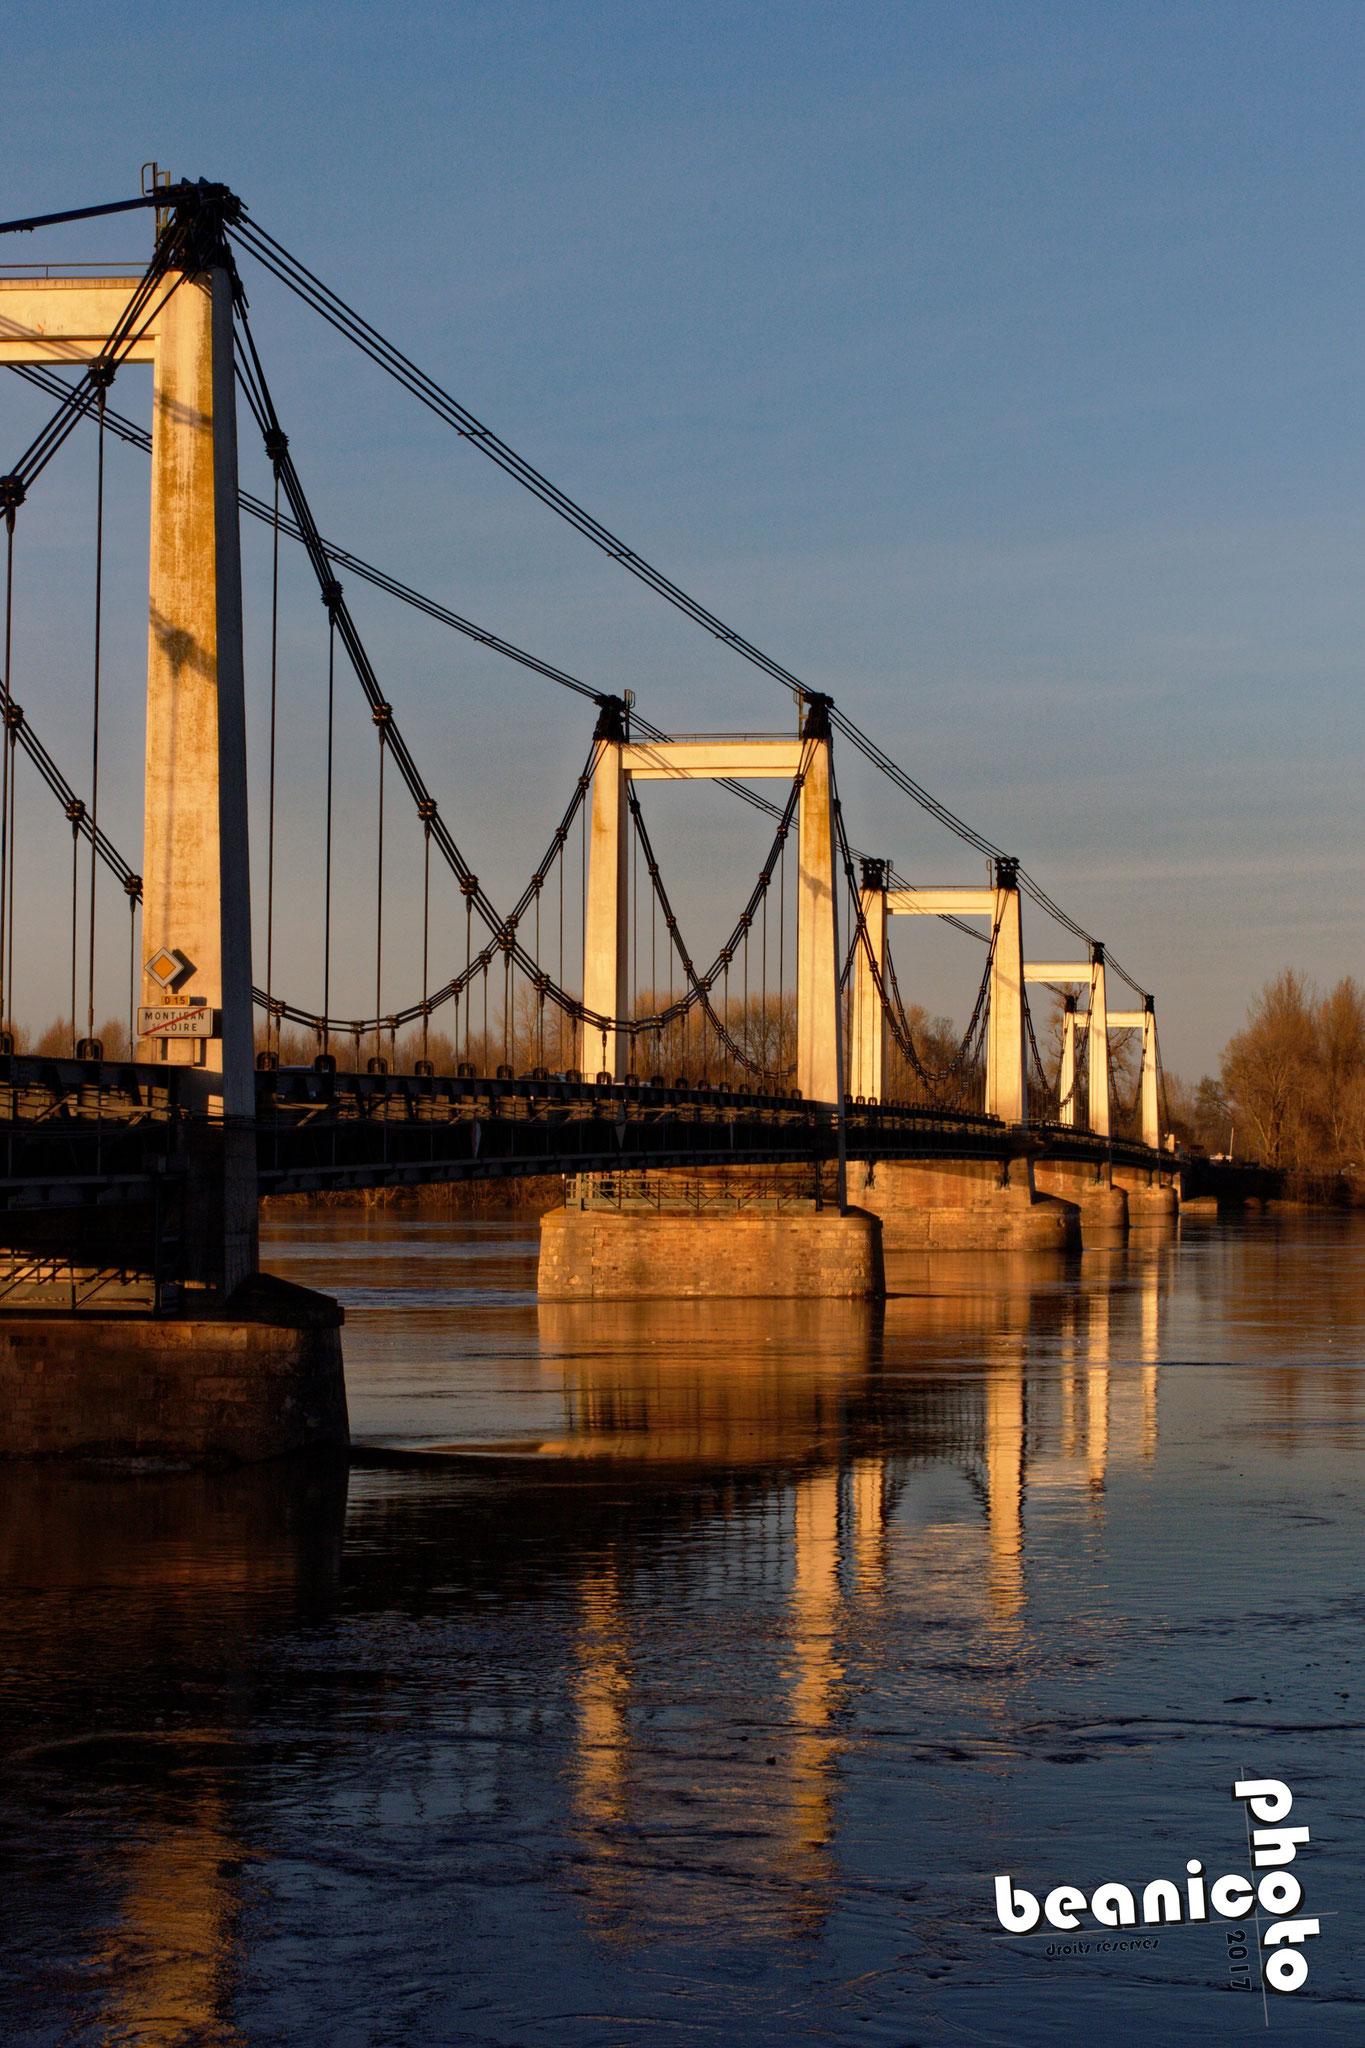 Canon 7DII + Sigma 50 mm f/2.8 EX DG Macro : f/16 1/125 ISO250 - Pont suspendu sur la Loire à Montjean sur Loire - www.beanico-photo.fr